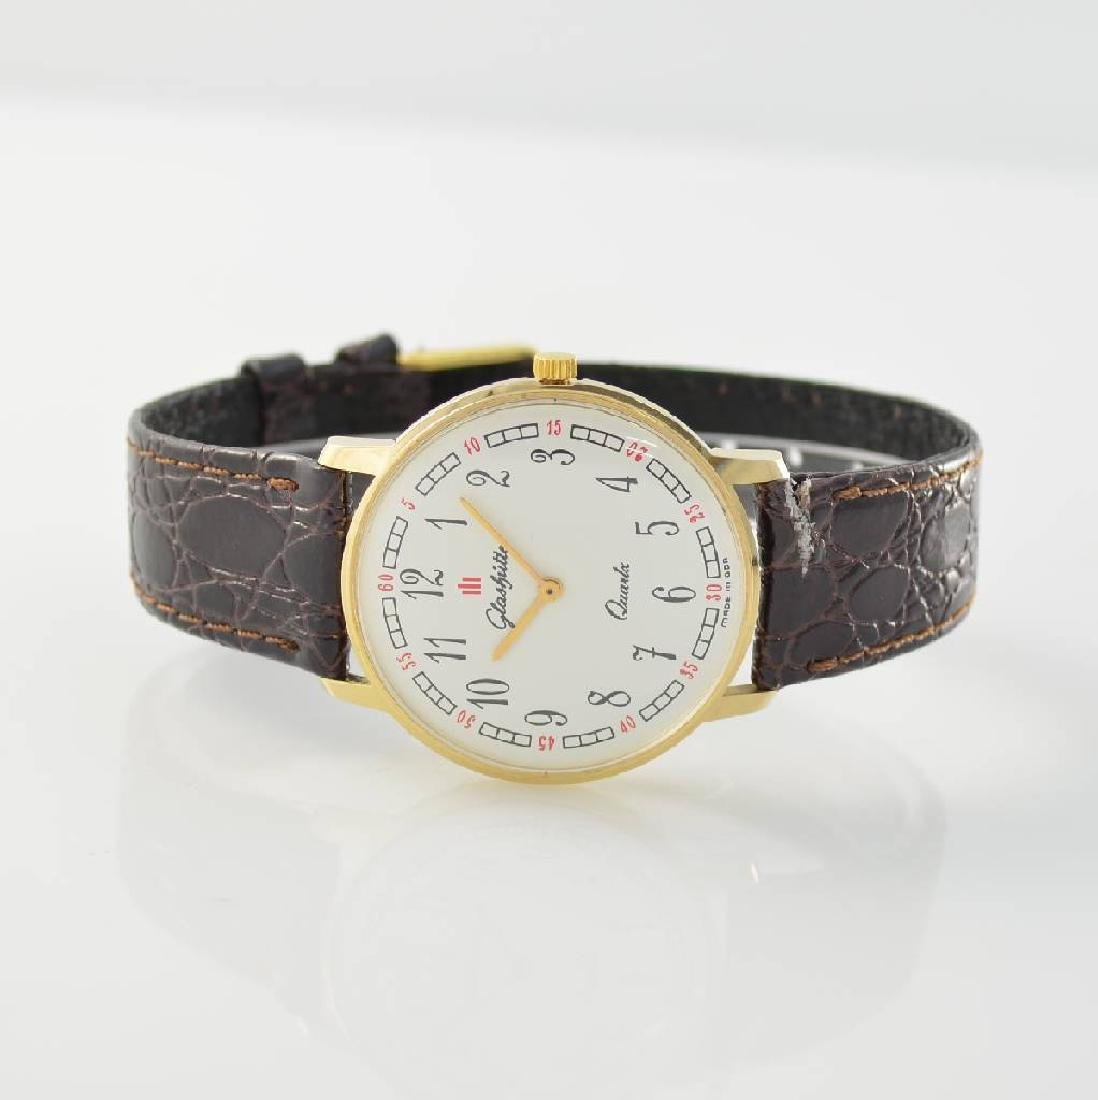 GLASHUTTE gents wristwatch, GDR around 1985